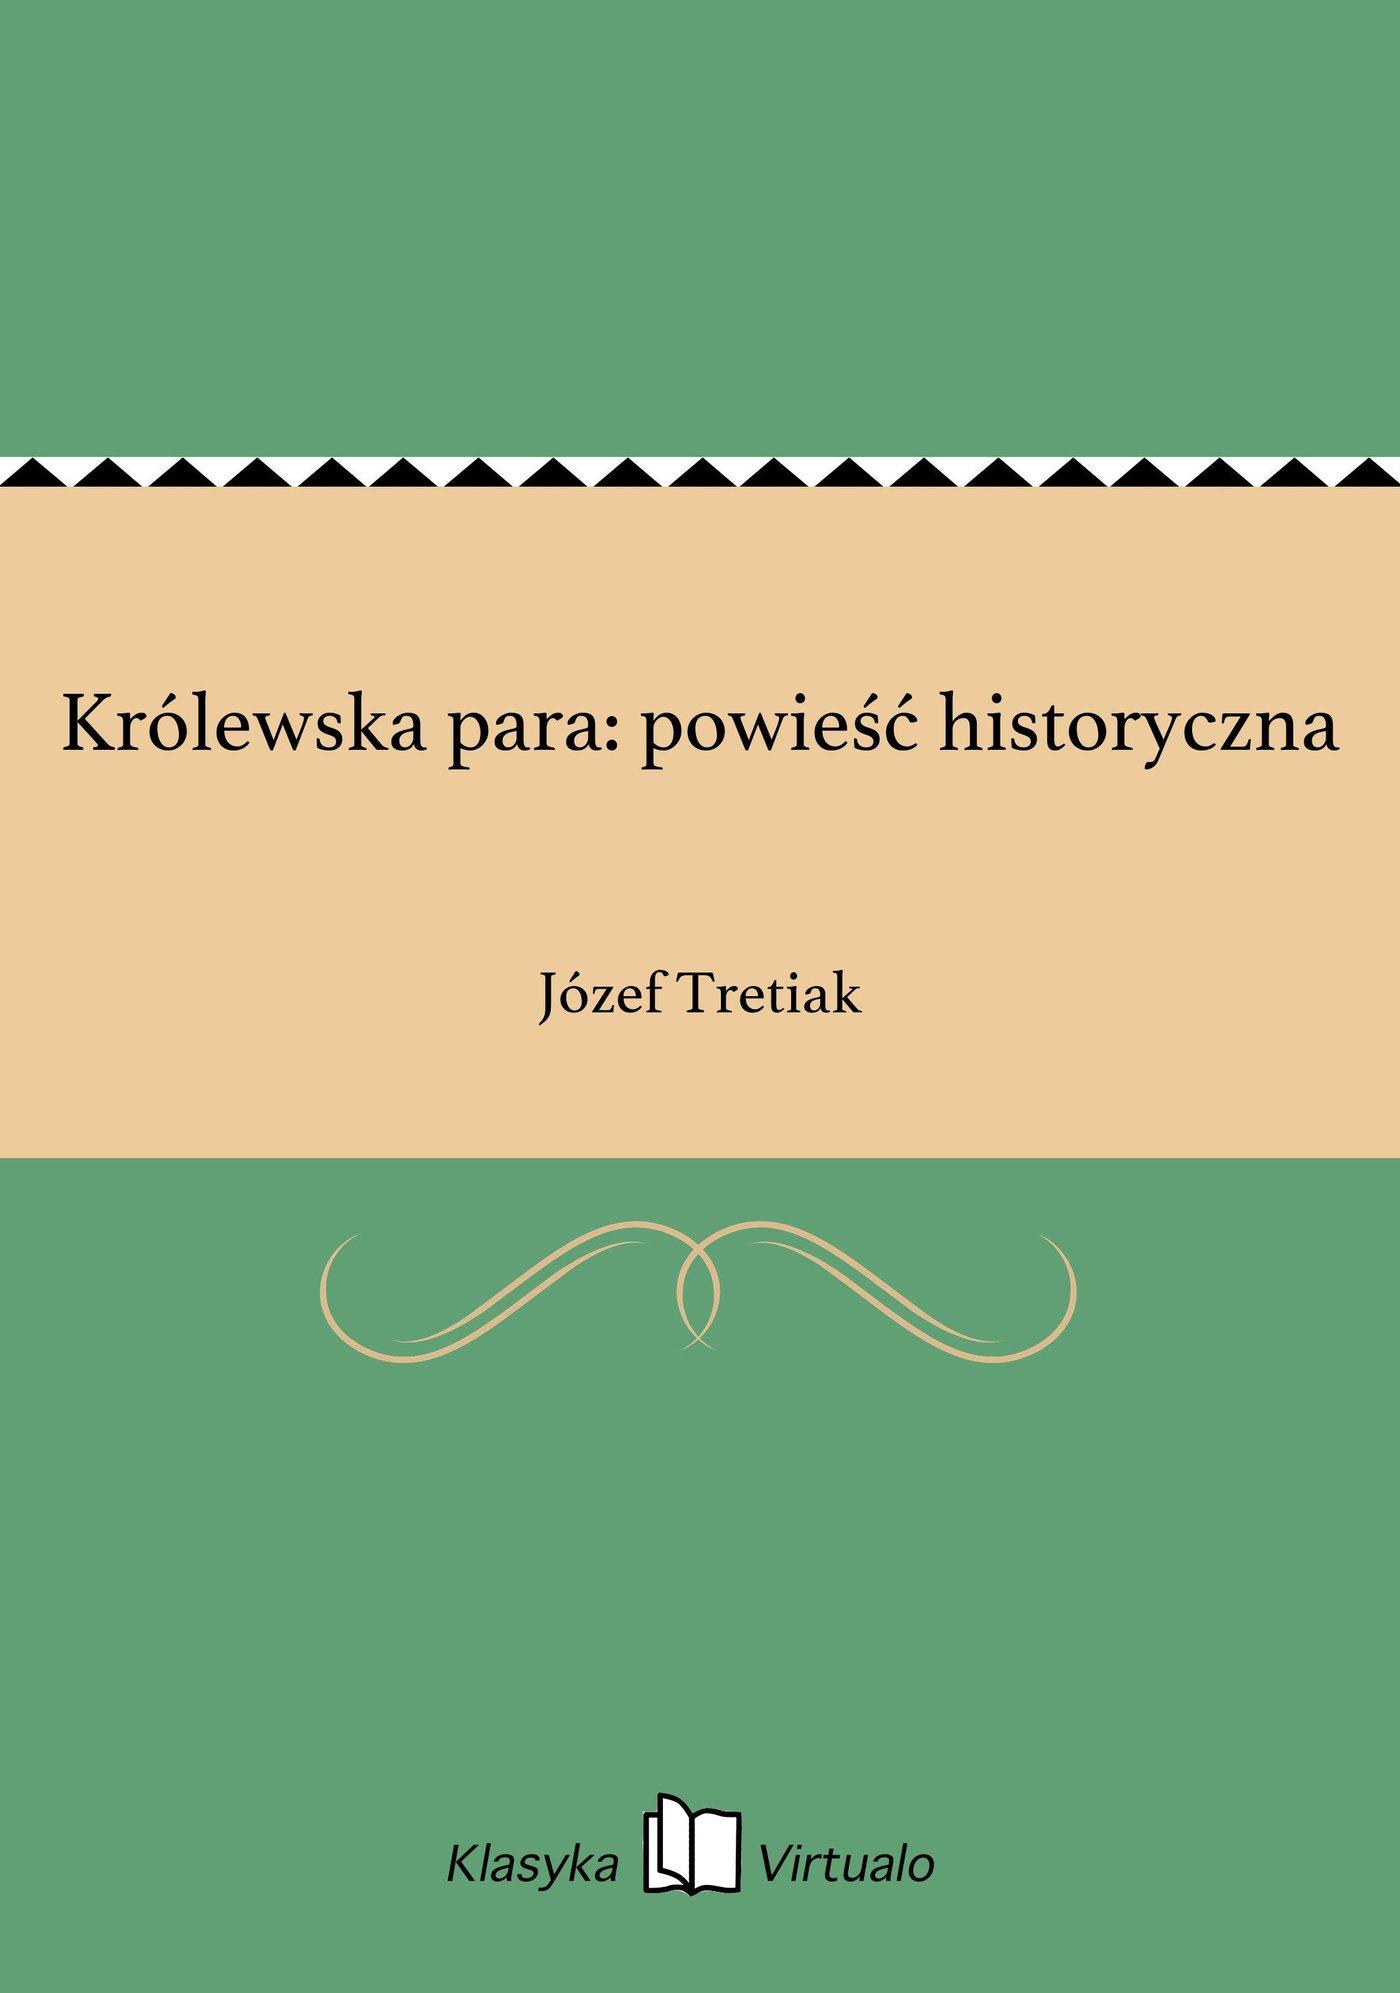 Królewska para: powieść historyczna - Ebook (Książka EPUB) do pobrania w formacie EPUB